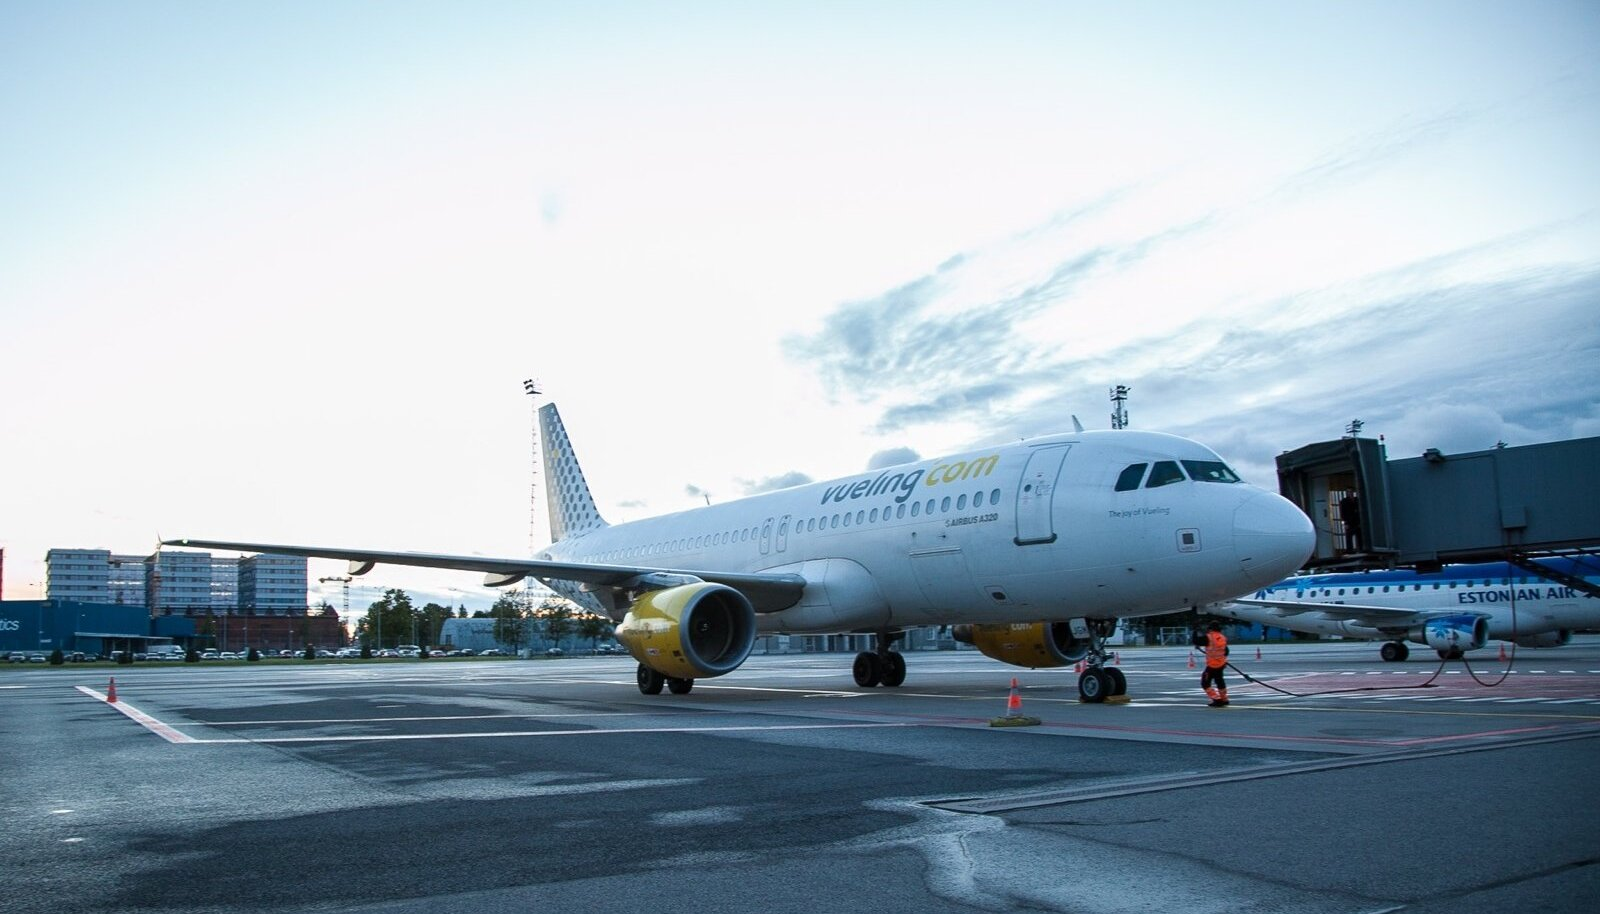 Vuelingi esimene lend Tallinnast